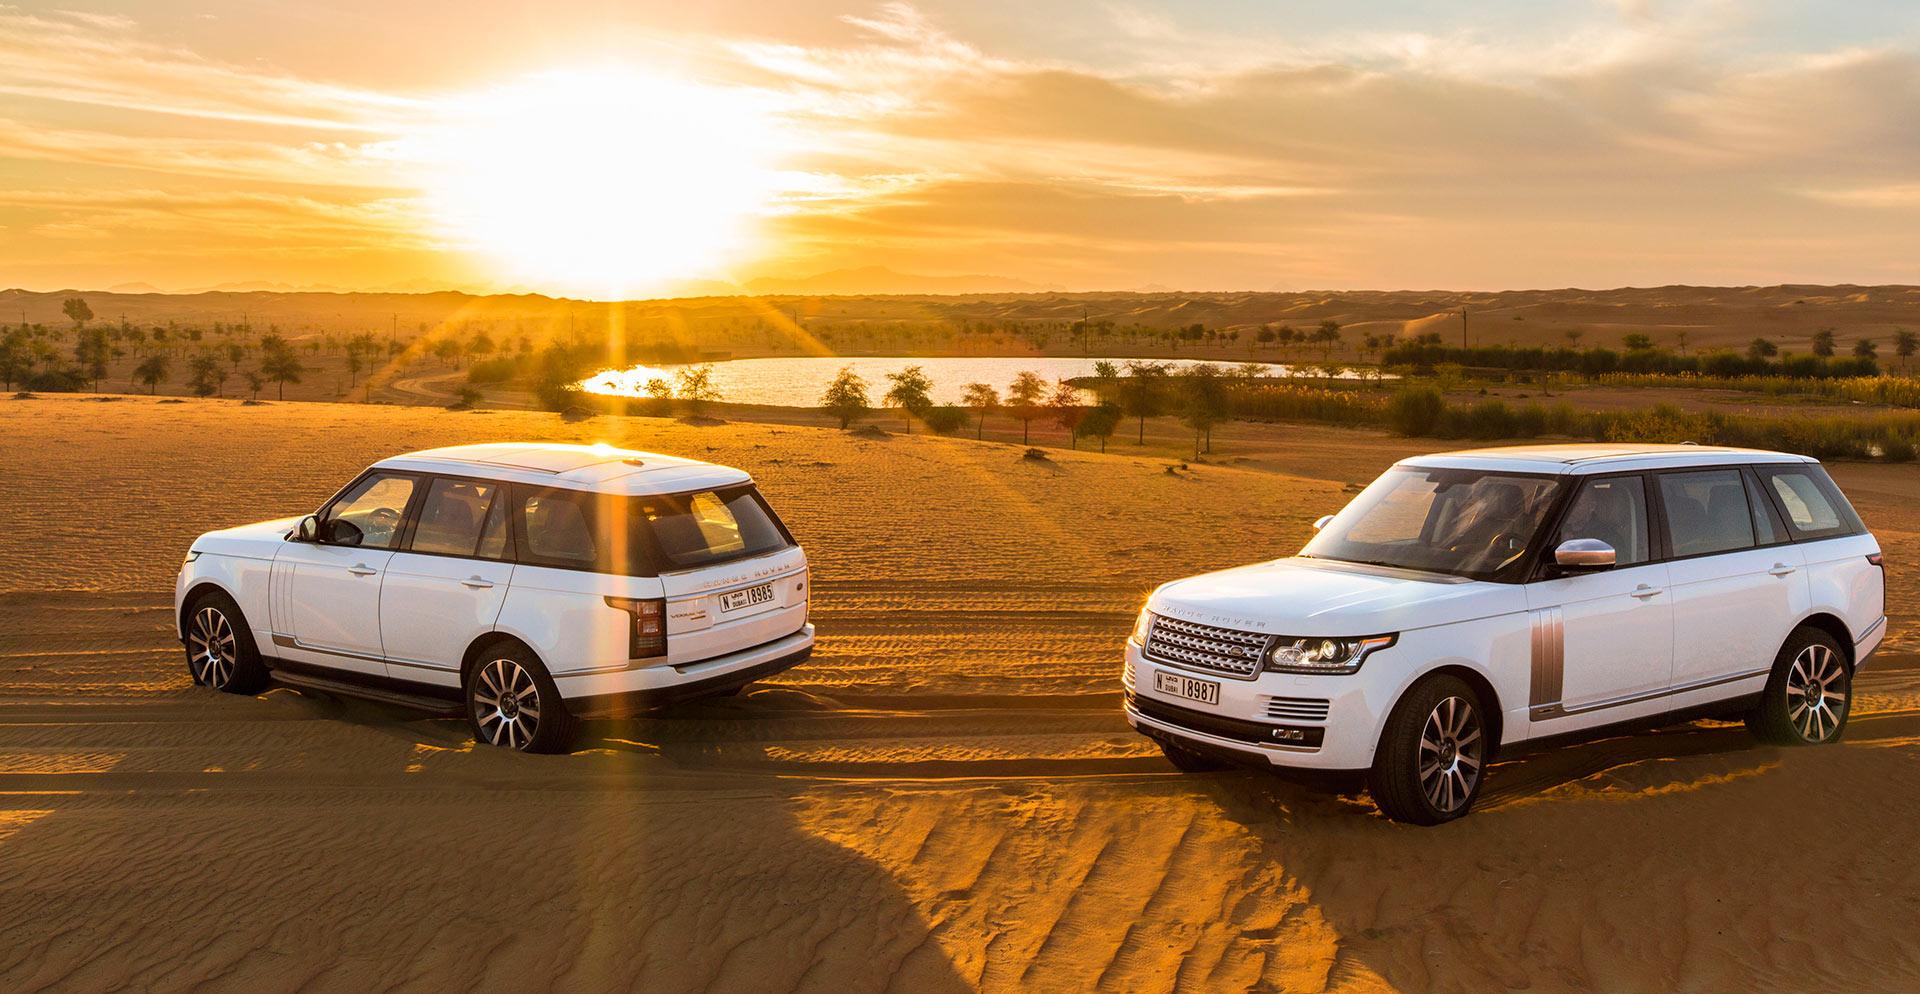 Enjoy a desert safari in the desert